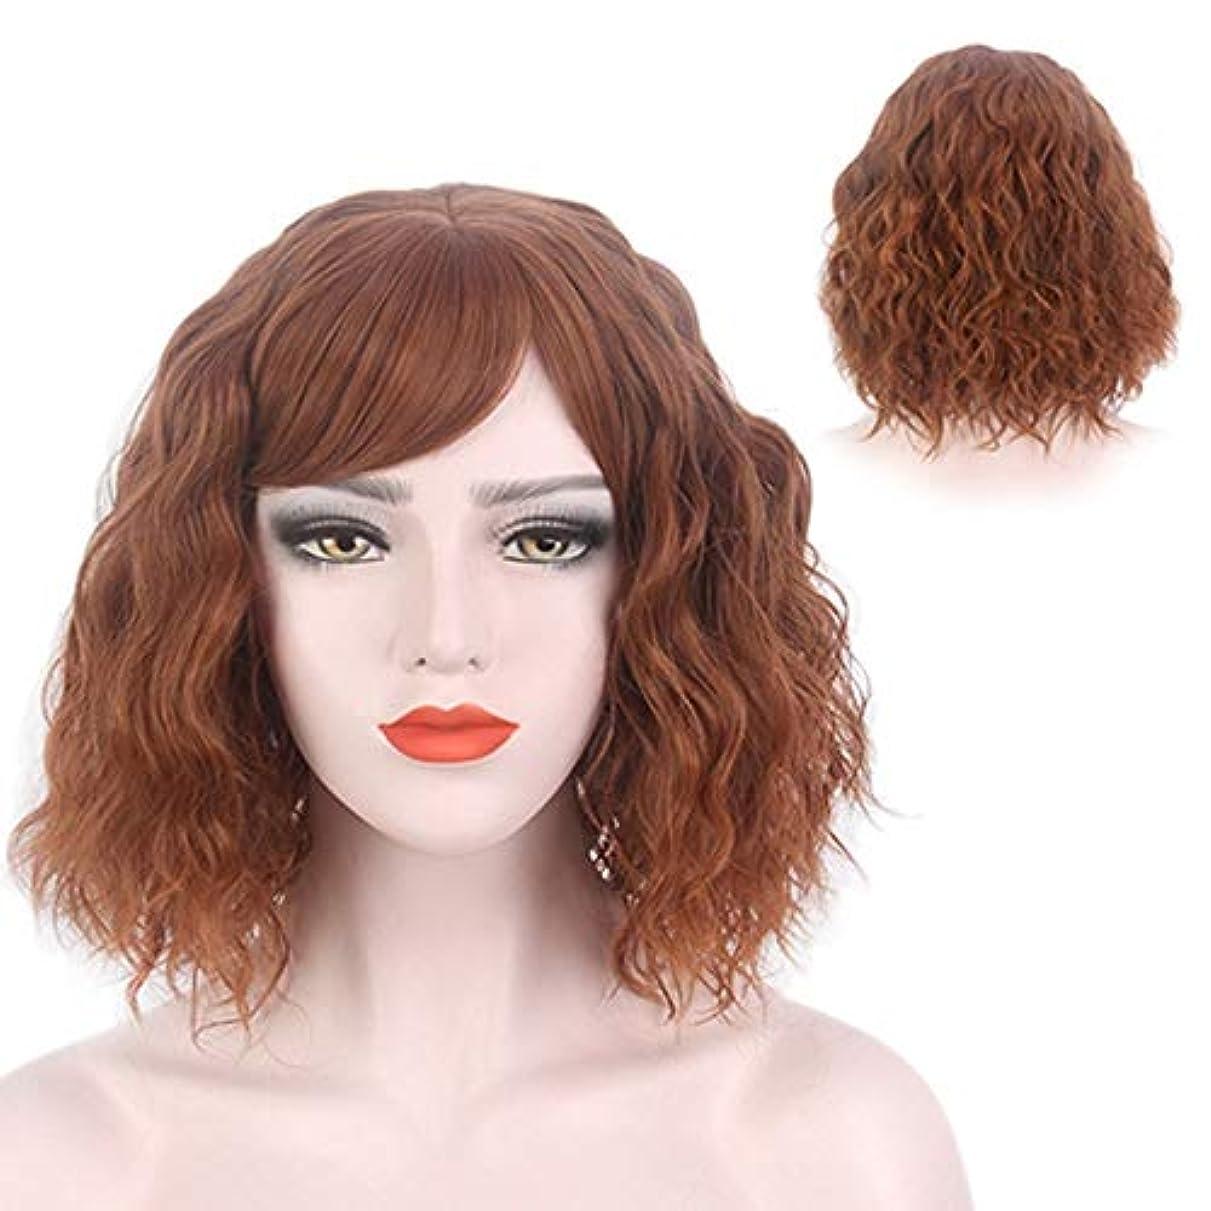 崩壊驚いた発音するYOUQIU 女性のブラウンボブウィッグ自然な耐熱合成ファッションかつらウィッグ用ショートカーリーウィッグ (色 : ブラウン)